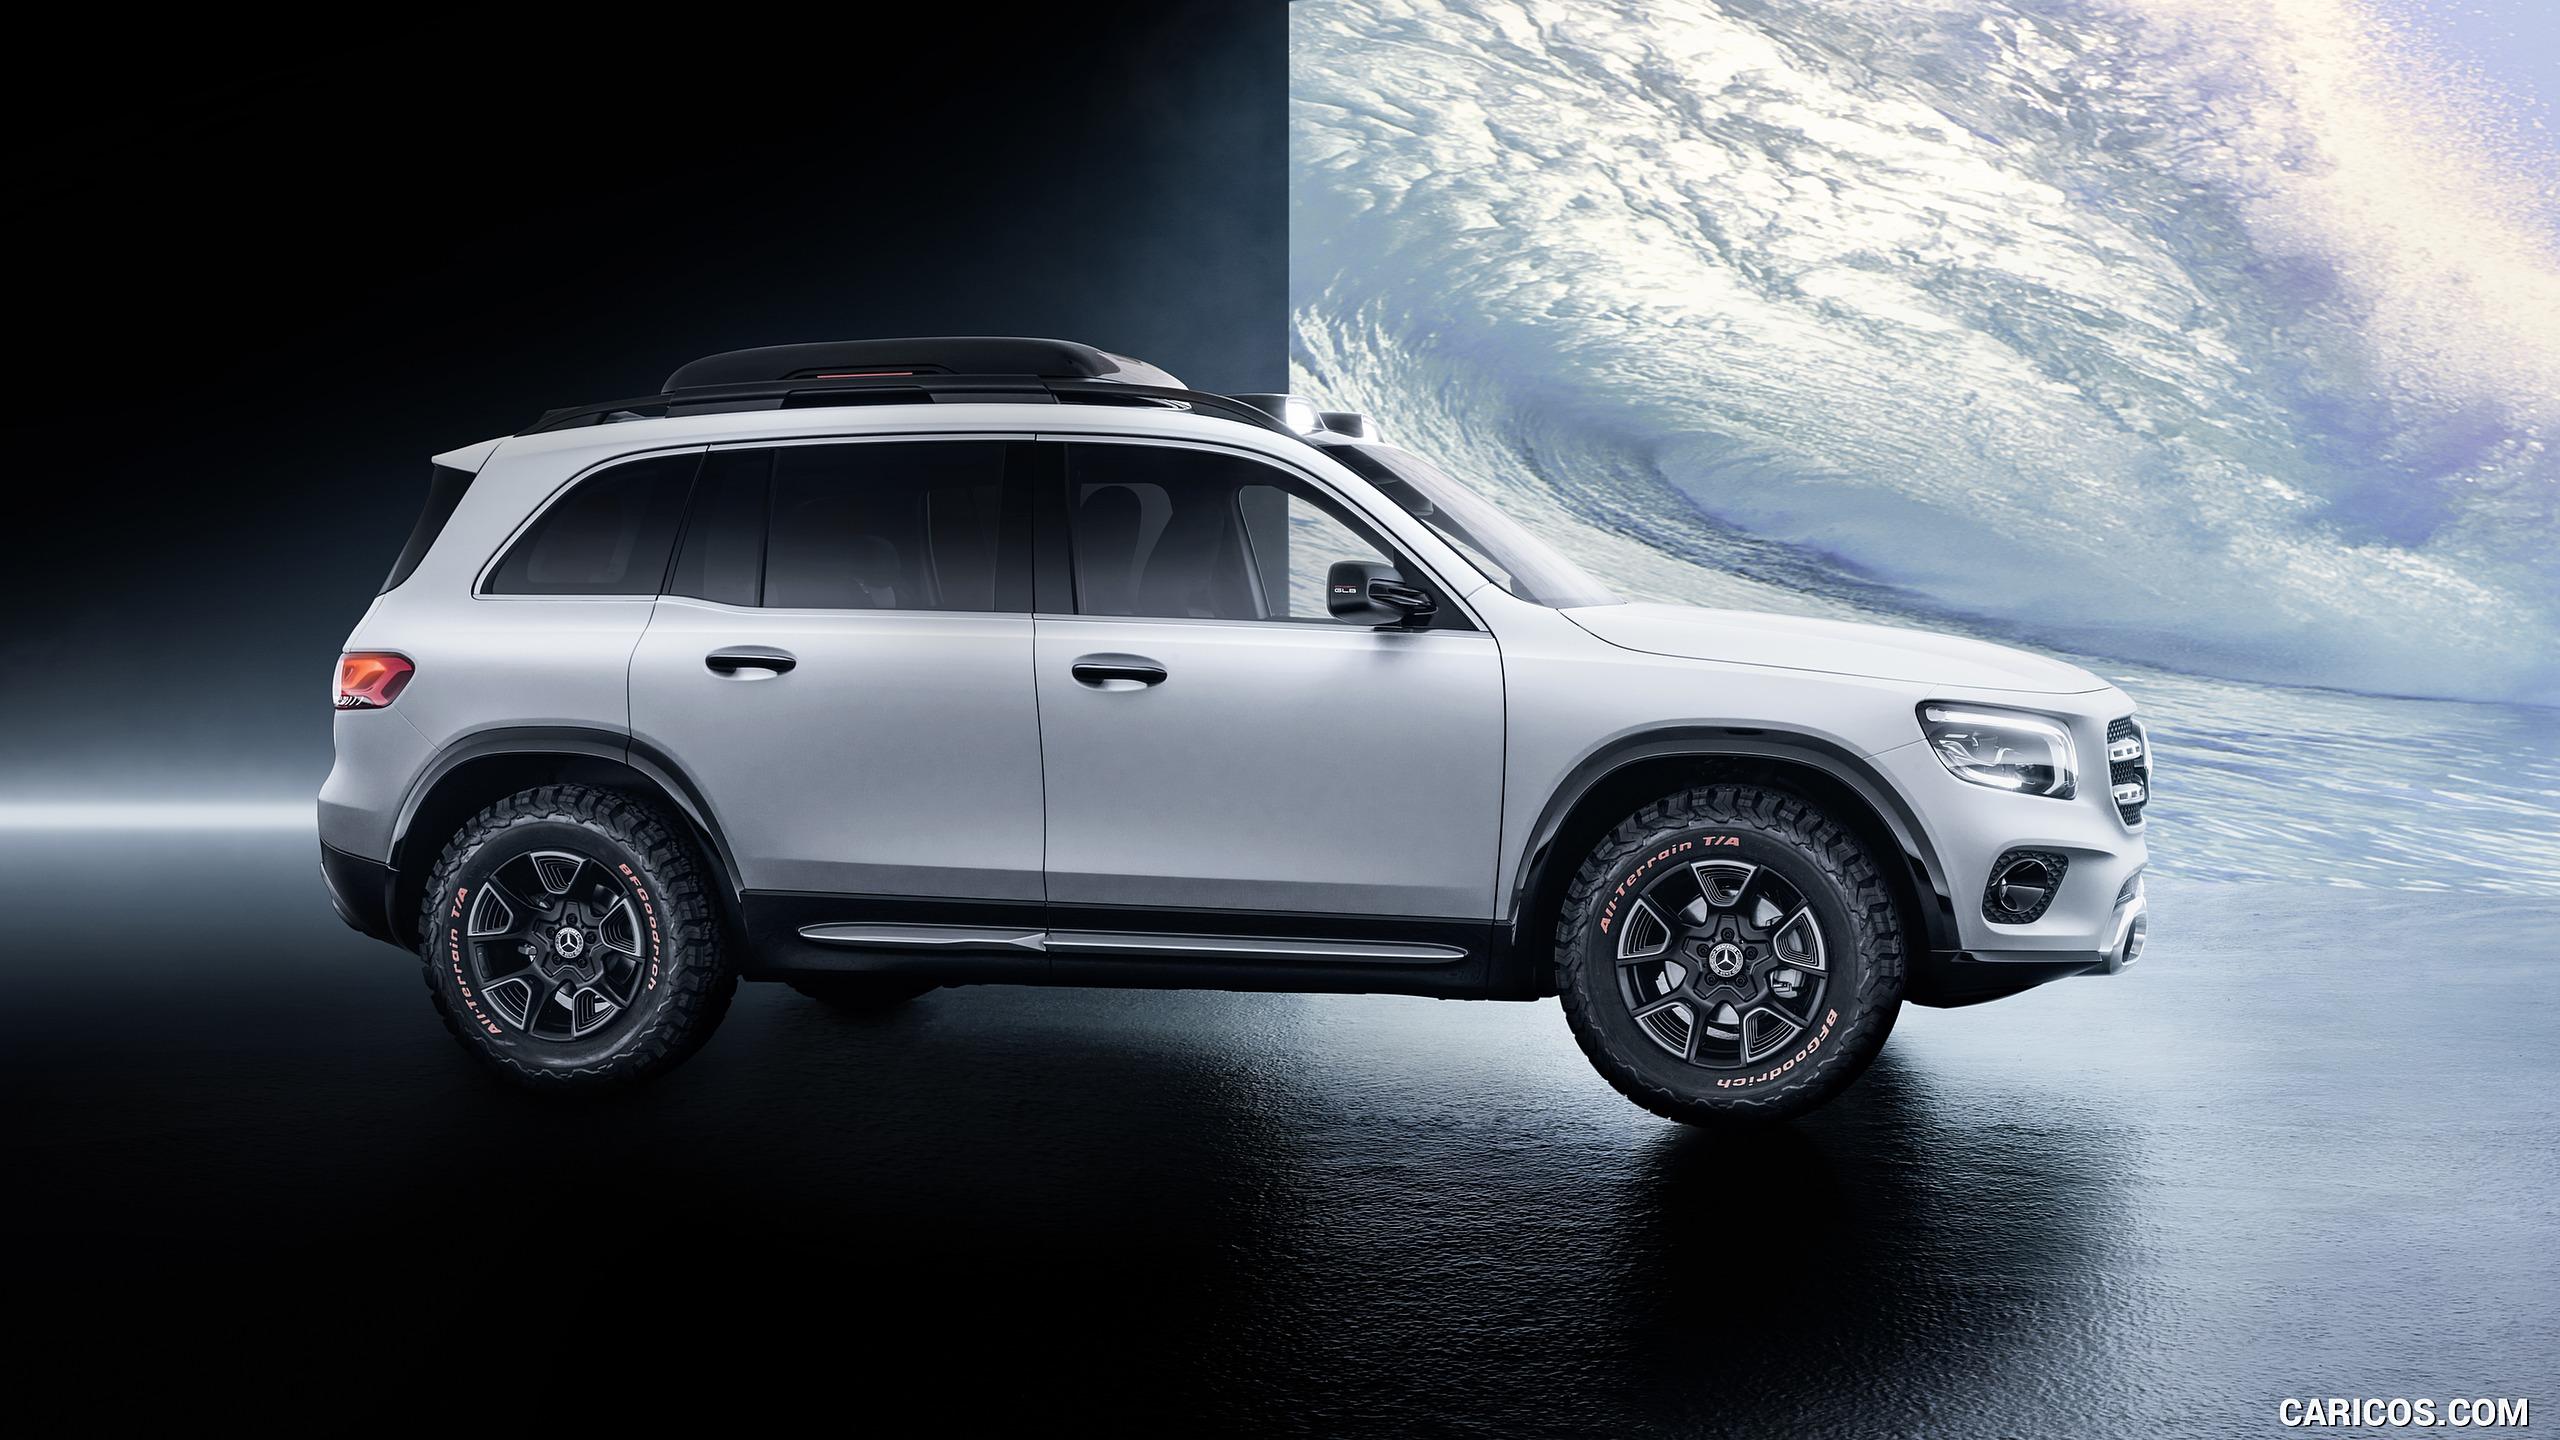 2019 Mercedes Benz GLB Concept   Side HD Wallpaper 3 2560x1440